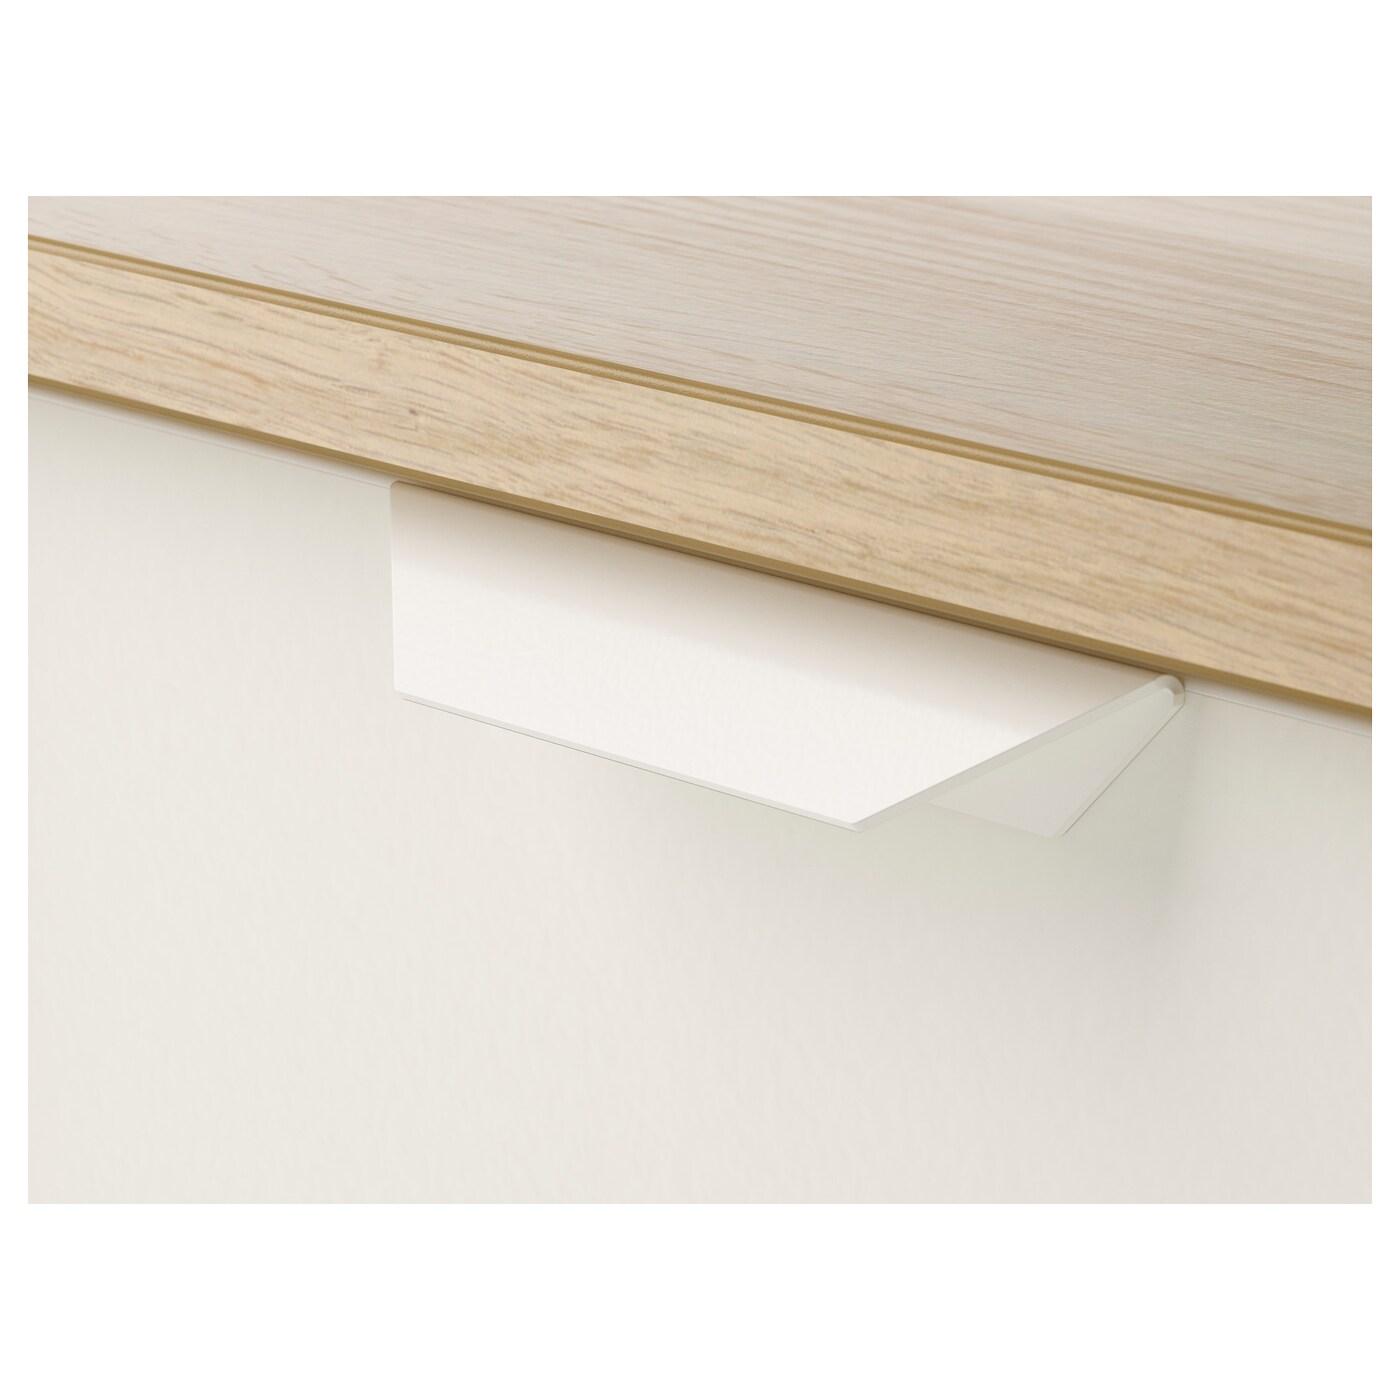 ASKVOLL Komoda se 3 zásuvkami, vz. bíle moř. dub/bílá, 70x68 cm